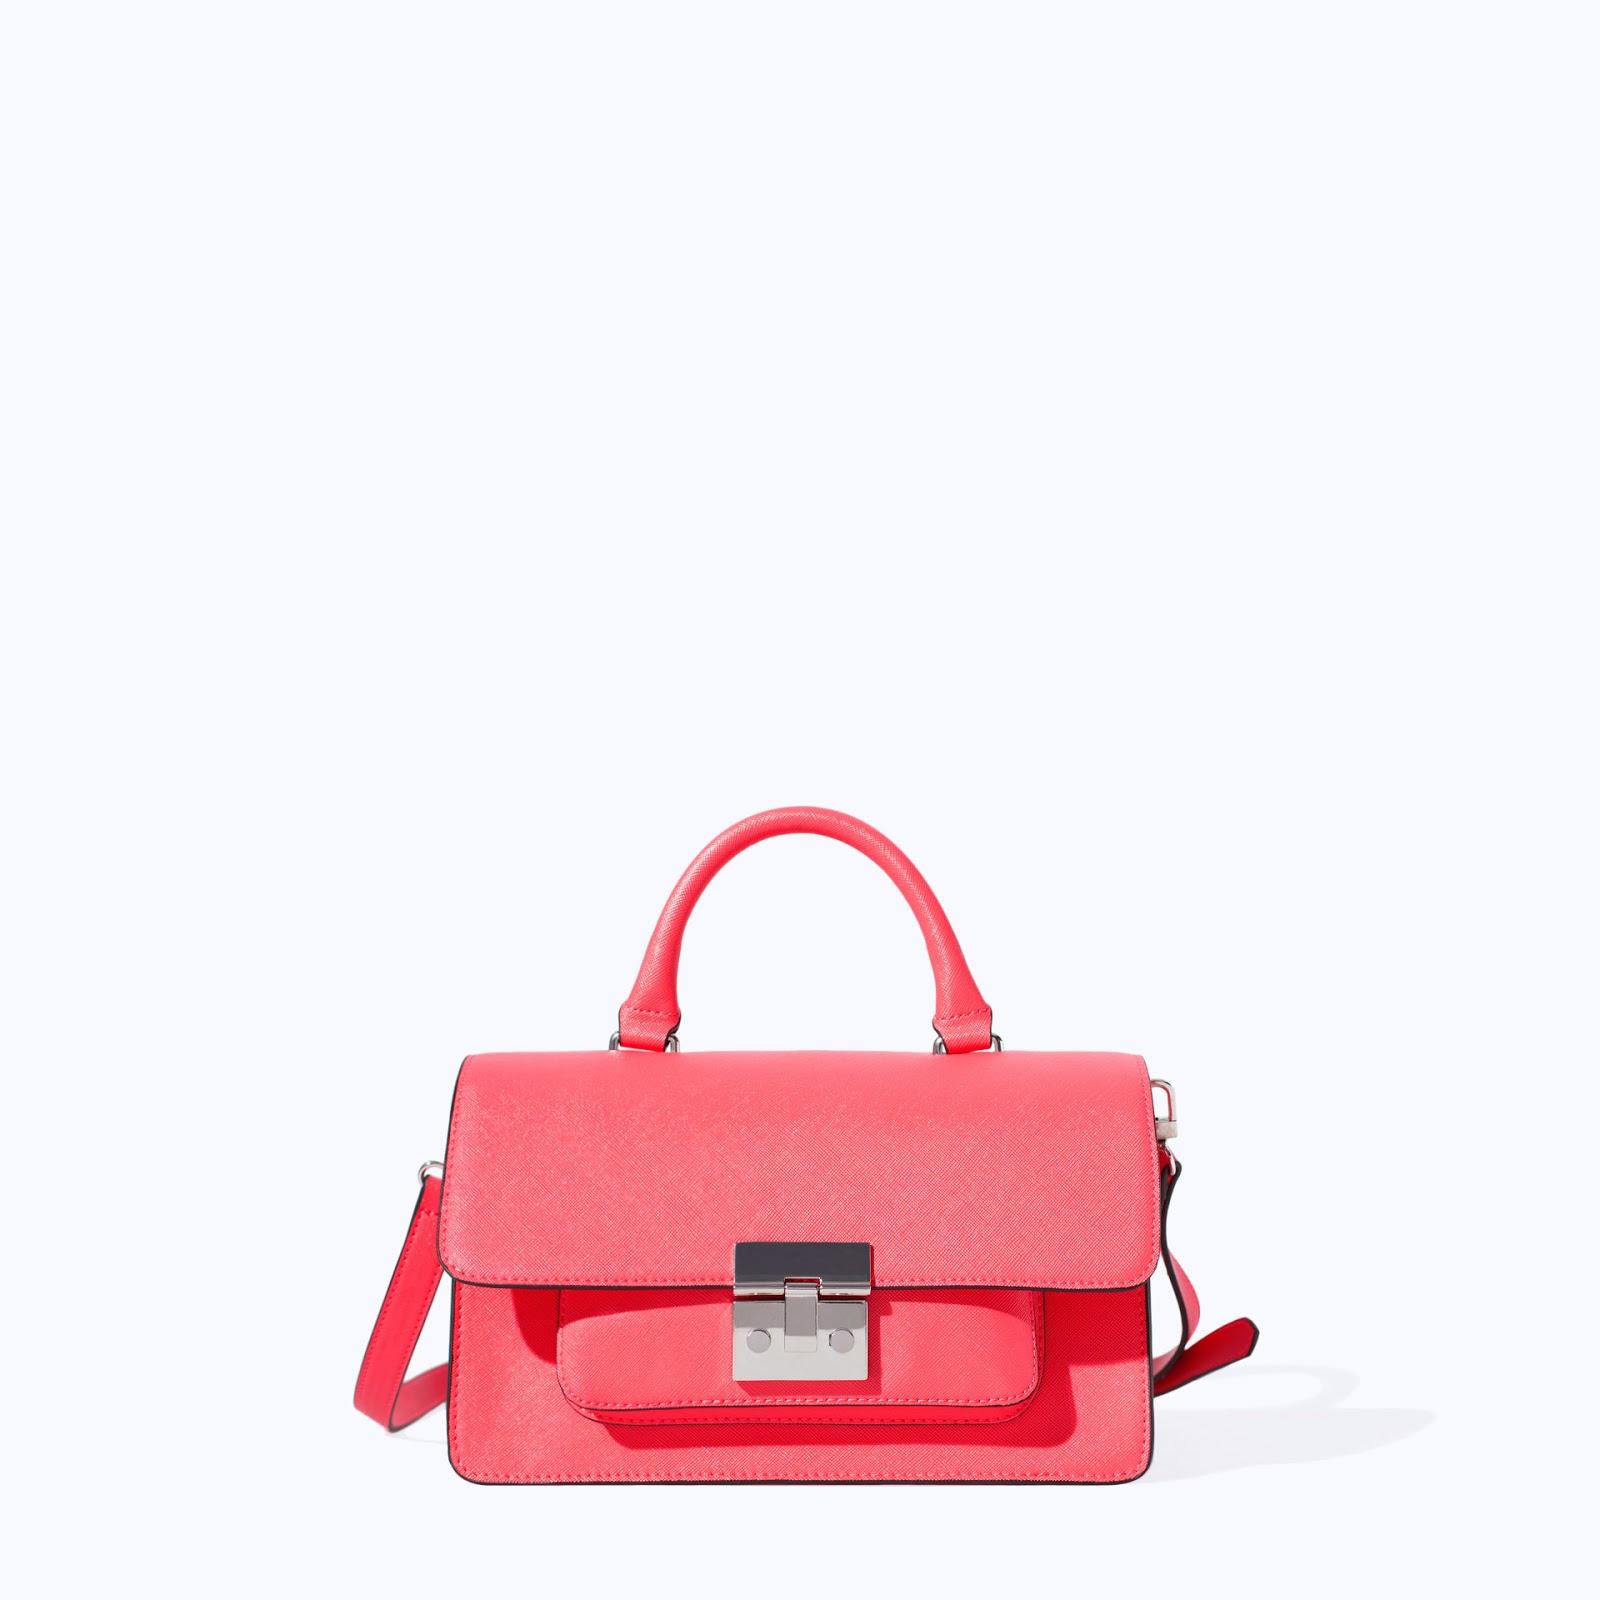 zara pink handbag